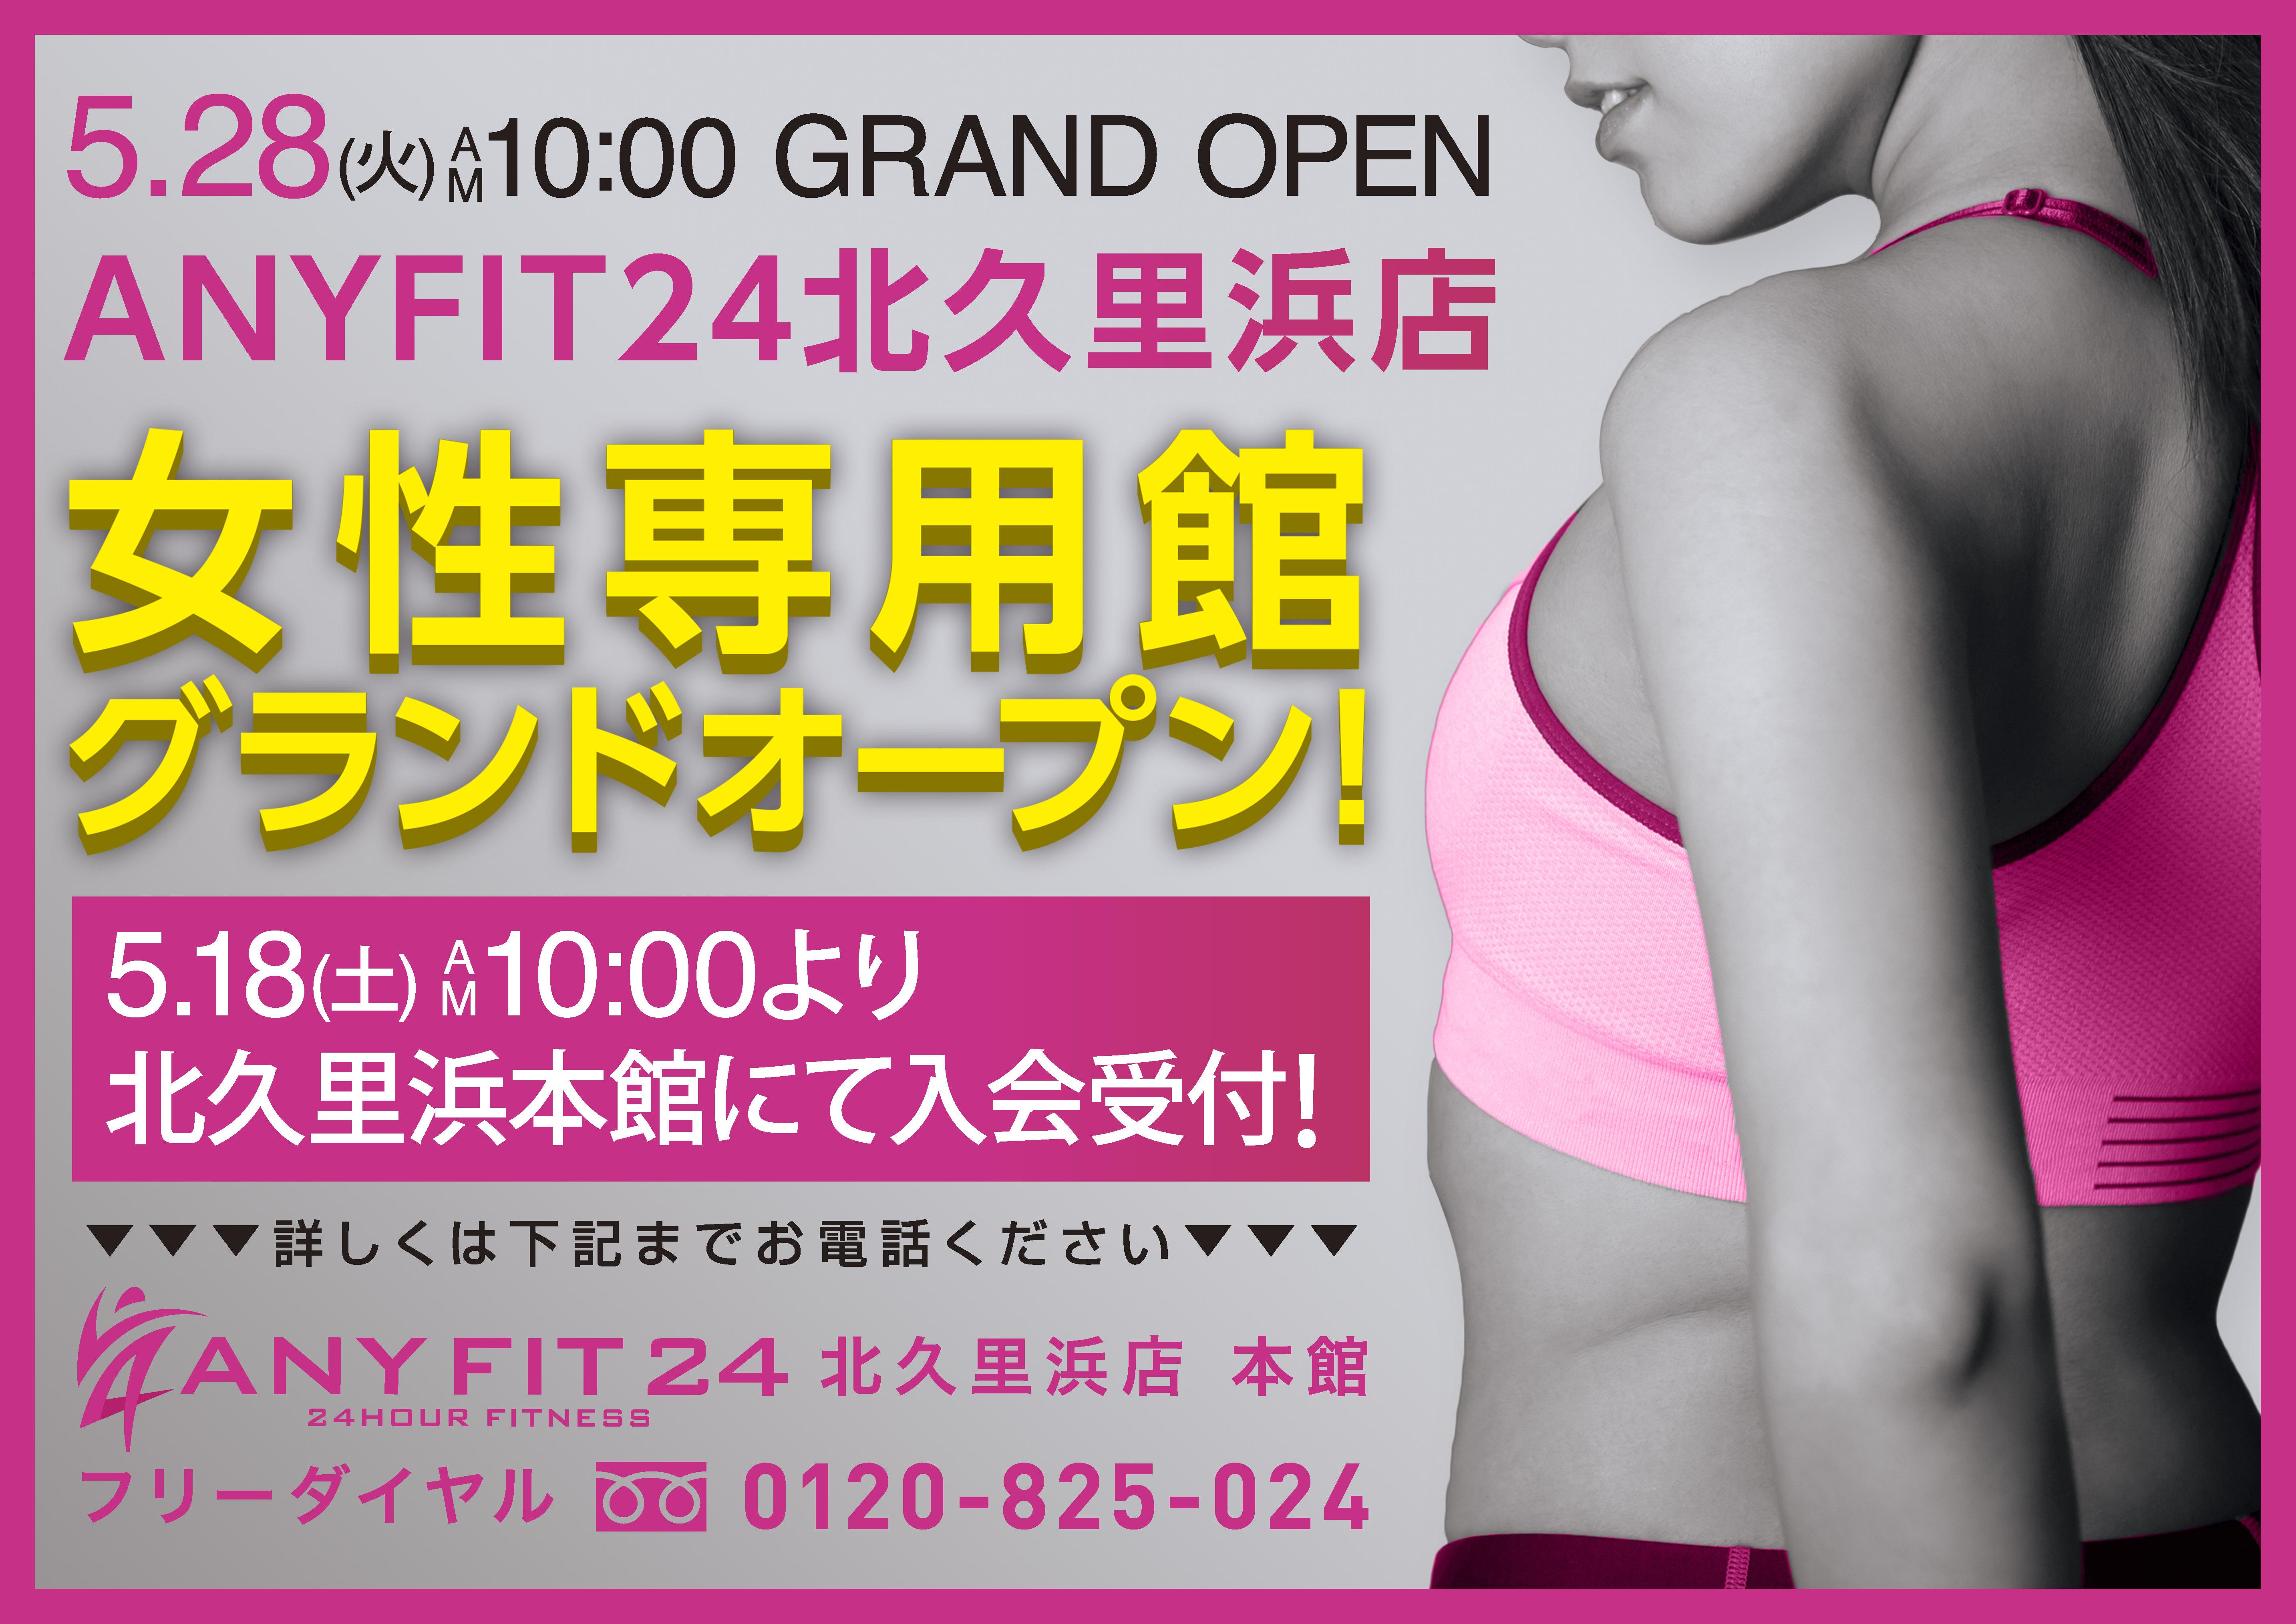 【北久里浜店】5月28日(火)女性専用館オープン!大変お得なキャンペーン実施!